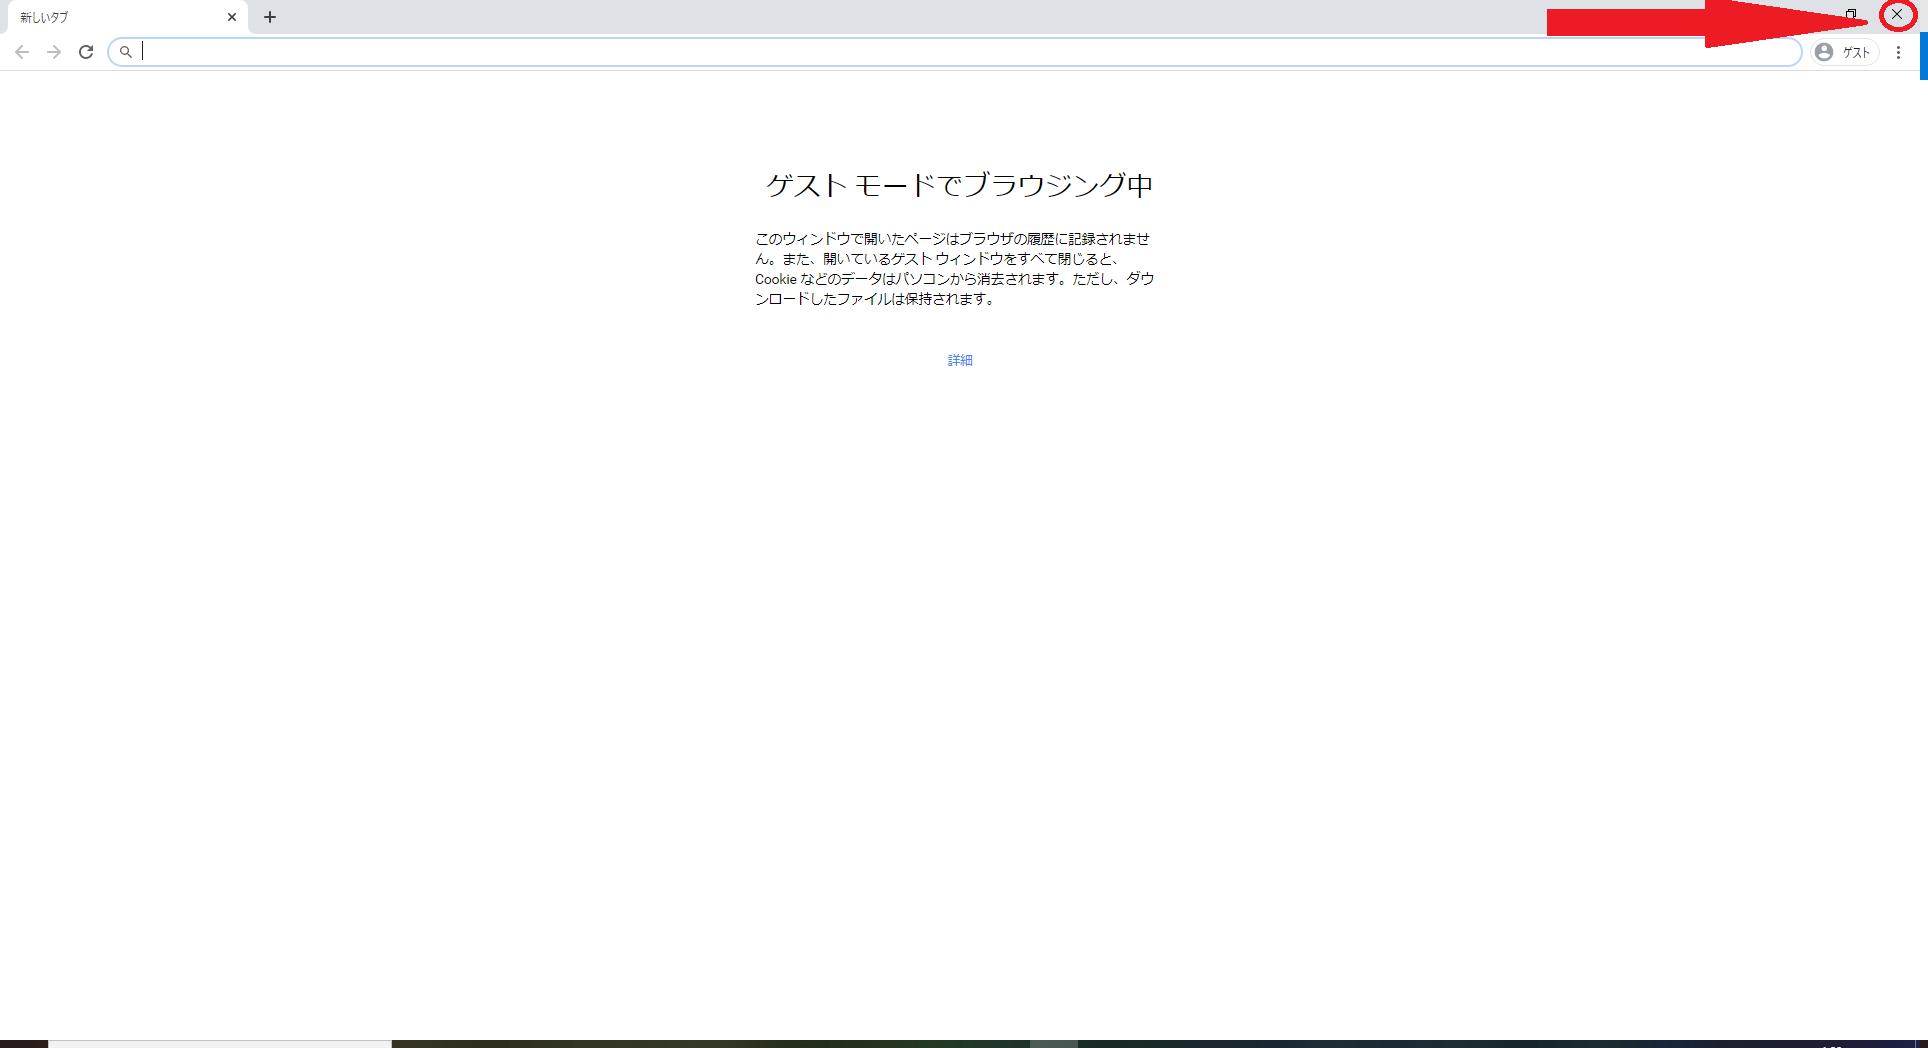 スクリーンショット 2020-07-21 03.53.24.png